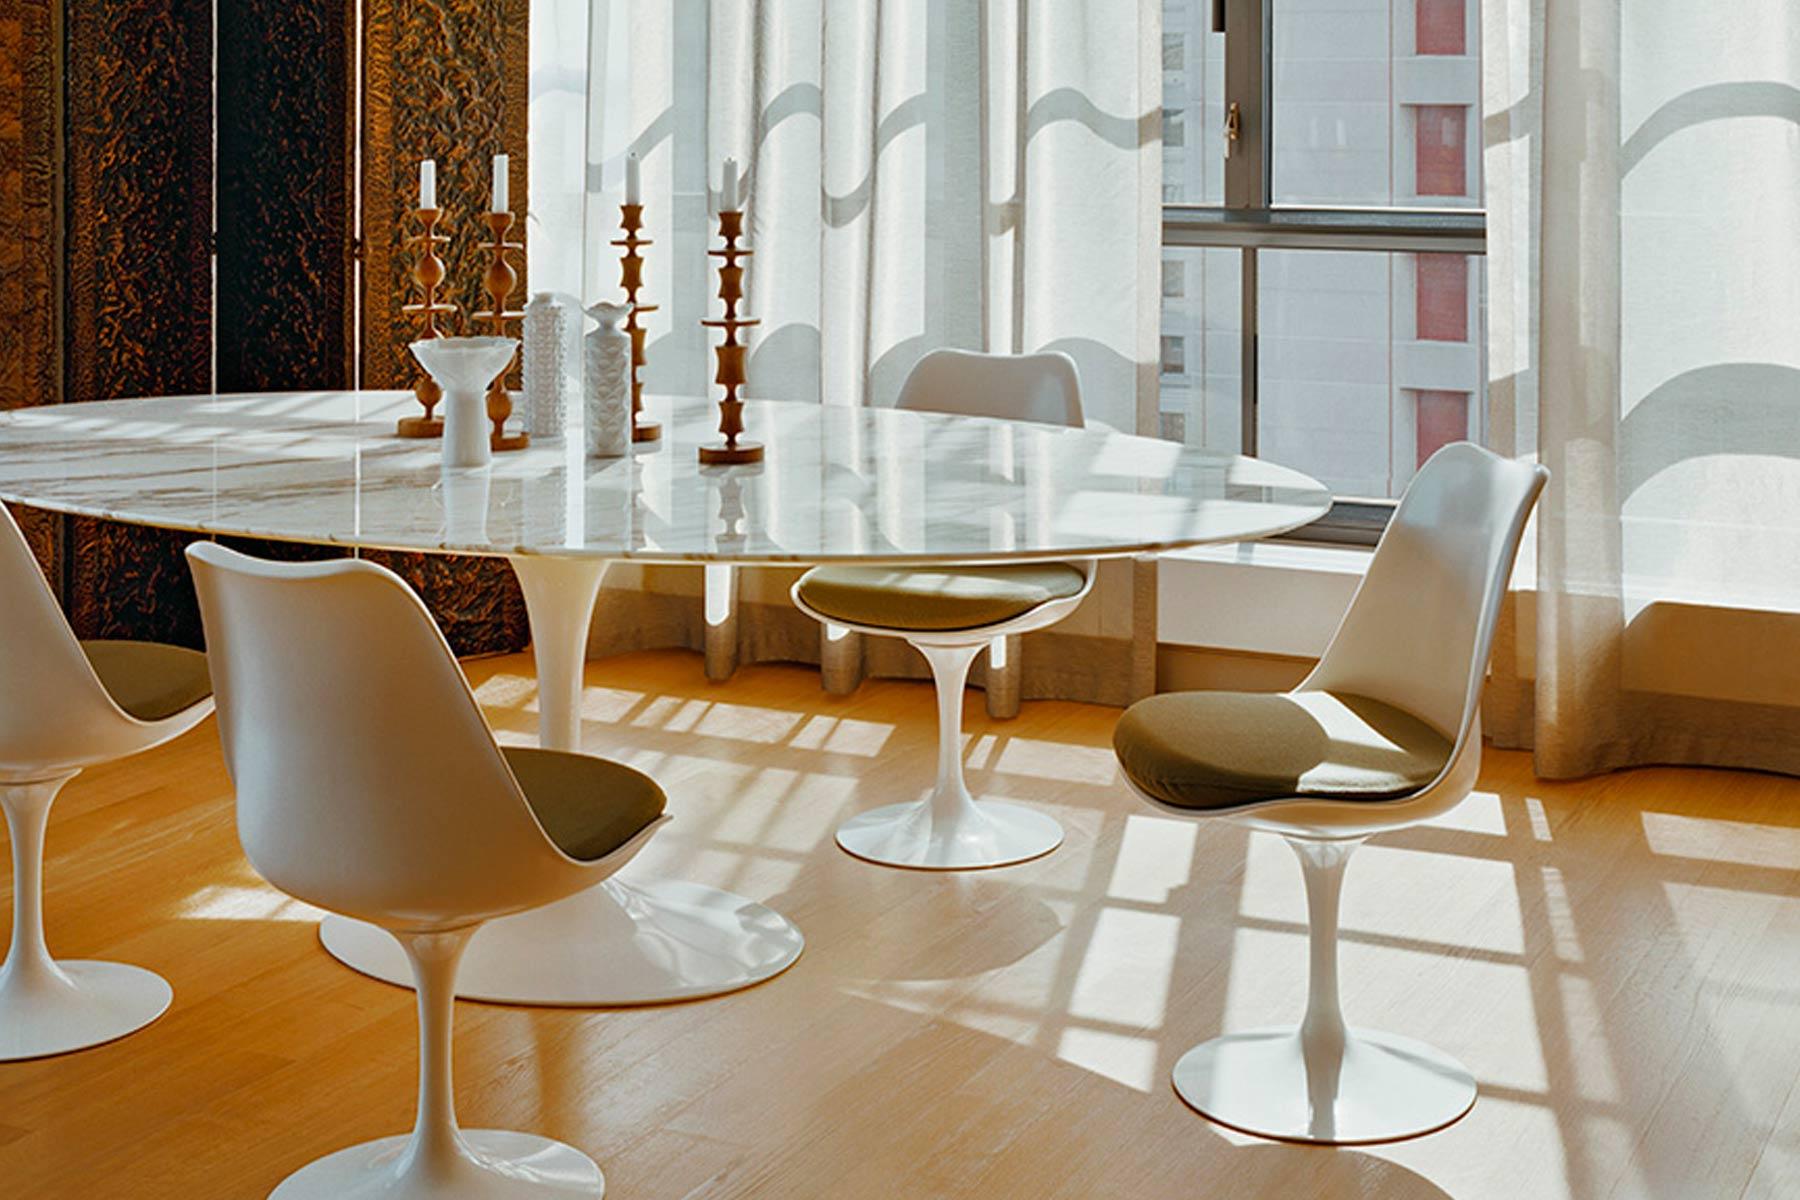 Tavoli Quadrati Di Design.4 Tavoli Che Hanno Fatto La Storia Del Design Ida Interni D Autore